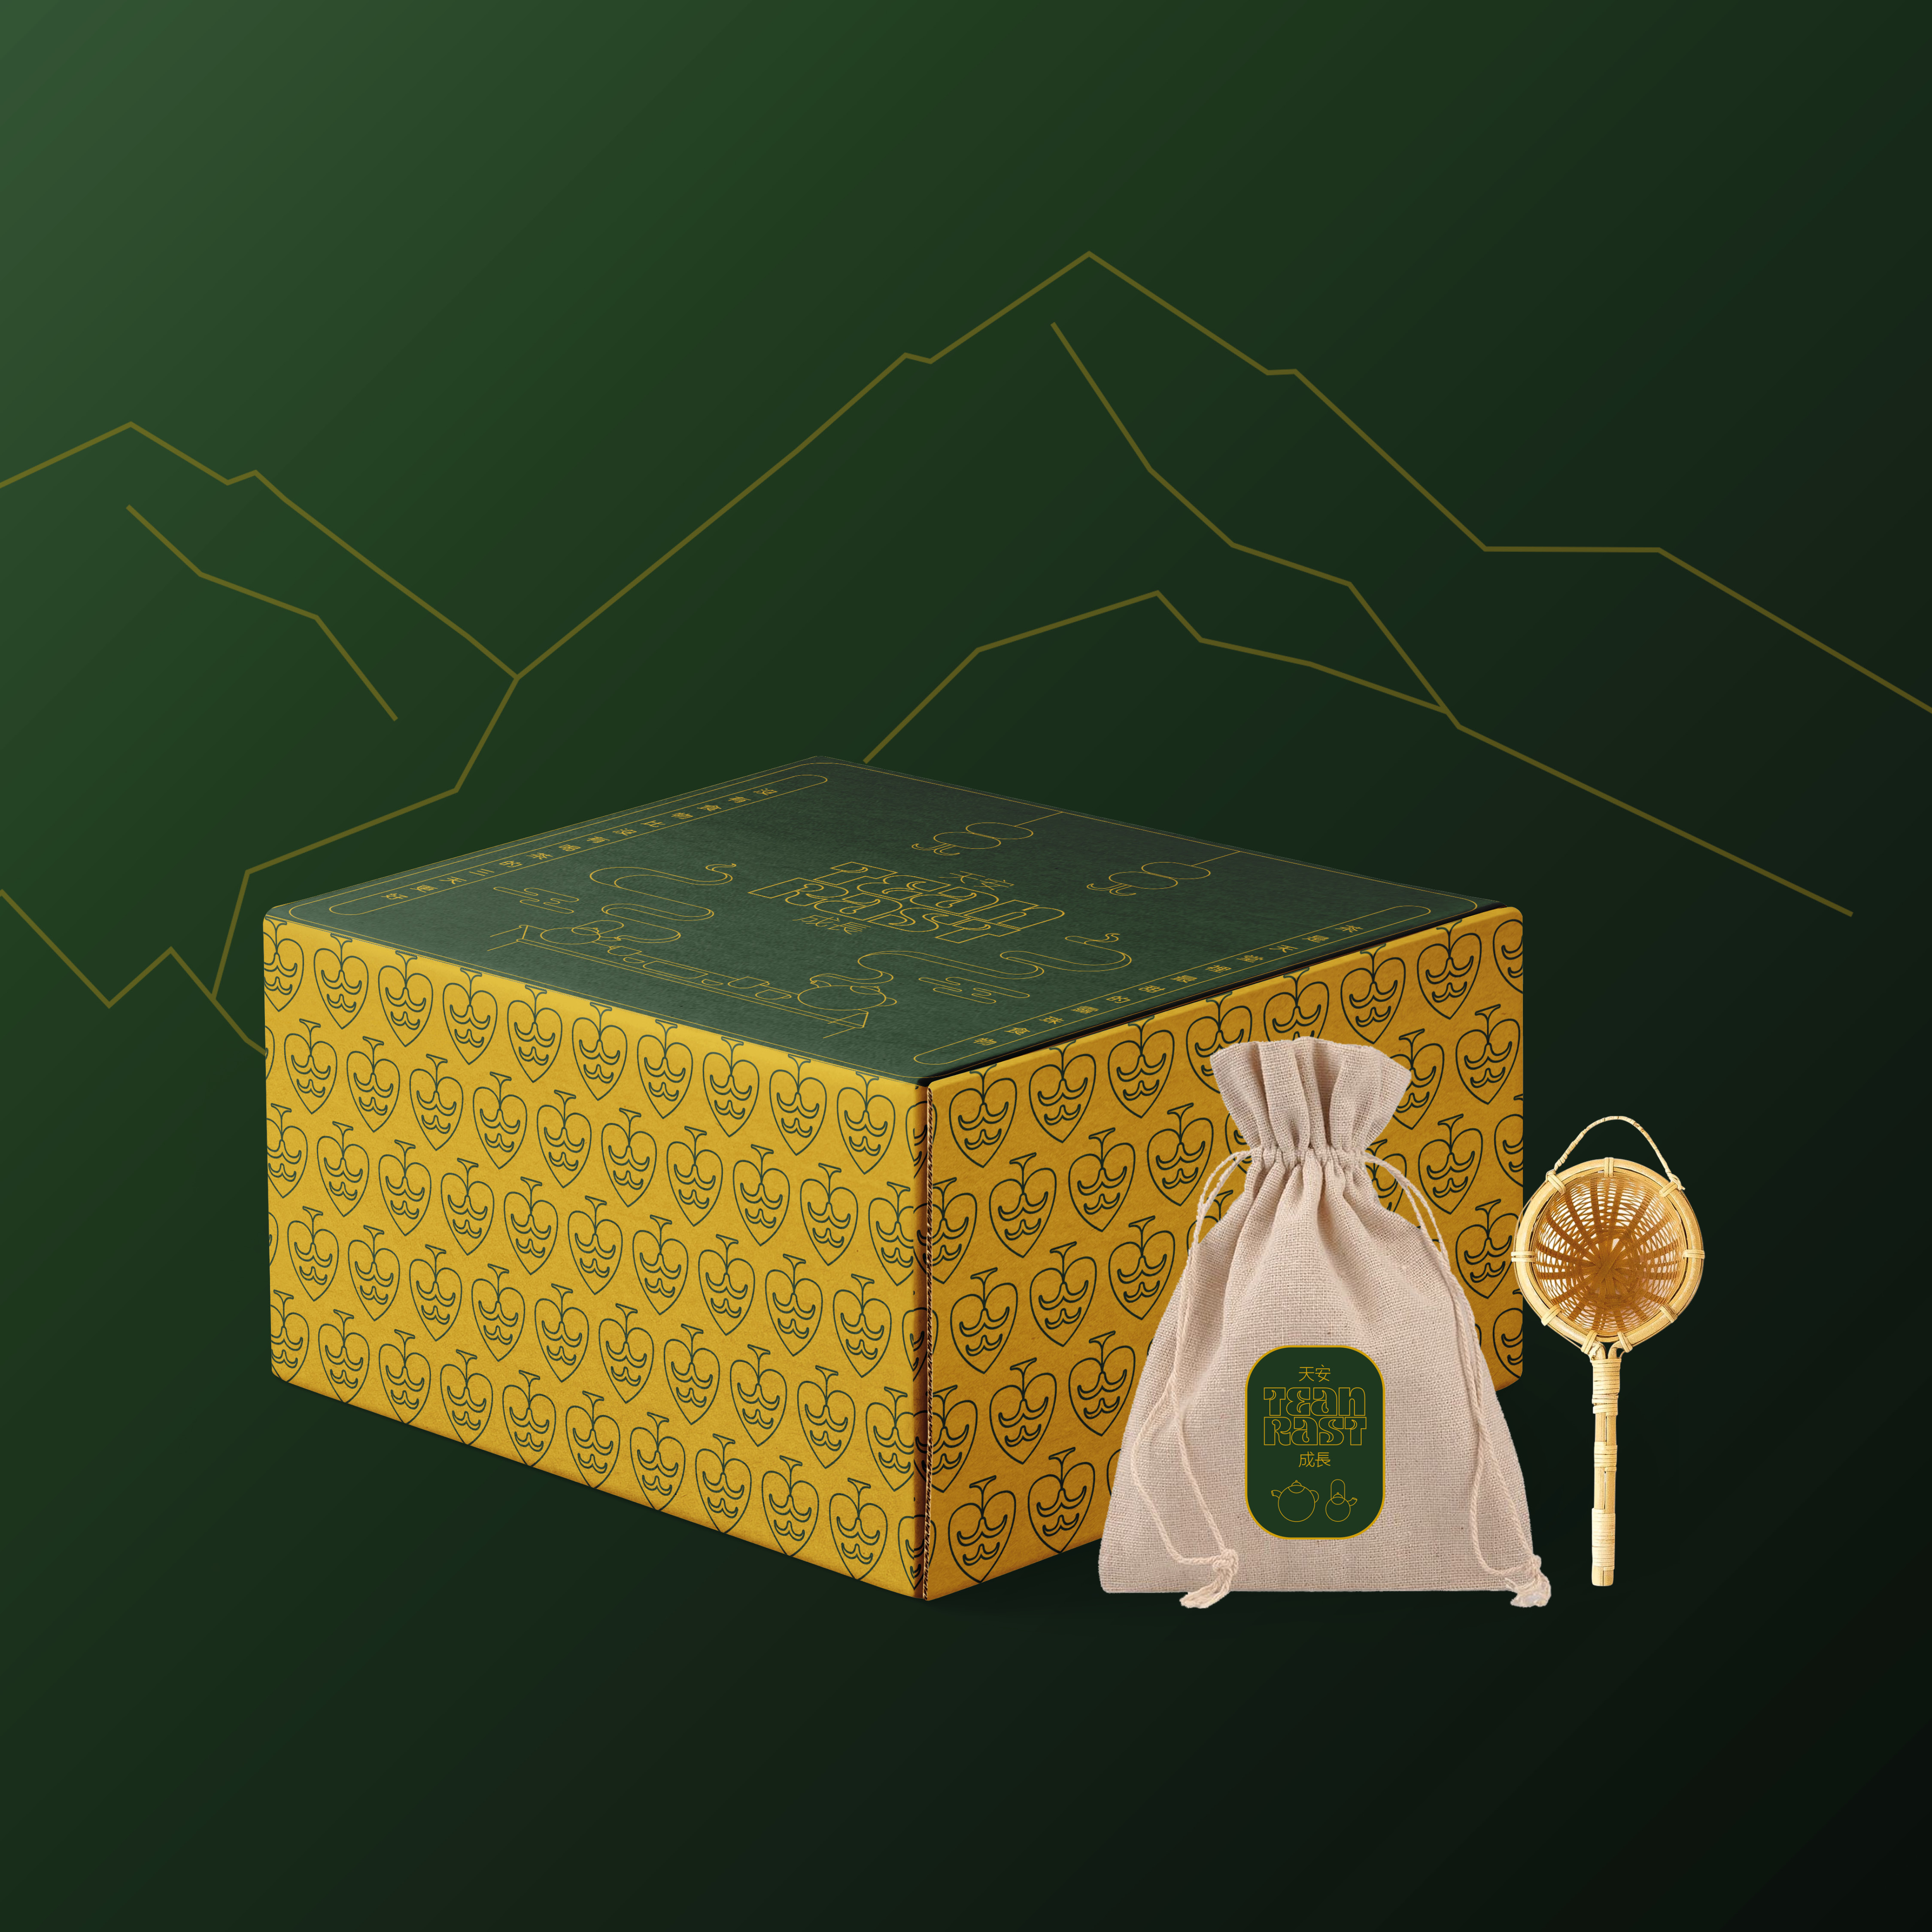 návrh značky a obalu pro fiktivního výrobce klasického čínského čaje<br> semestrální práce | 2. ročník<br> 2020/21 G2A 01